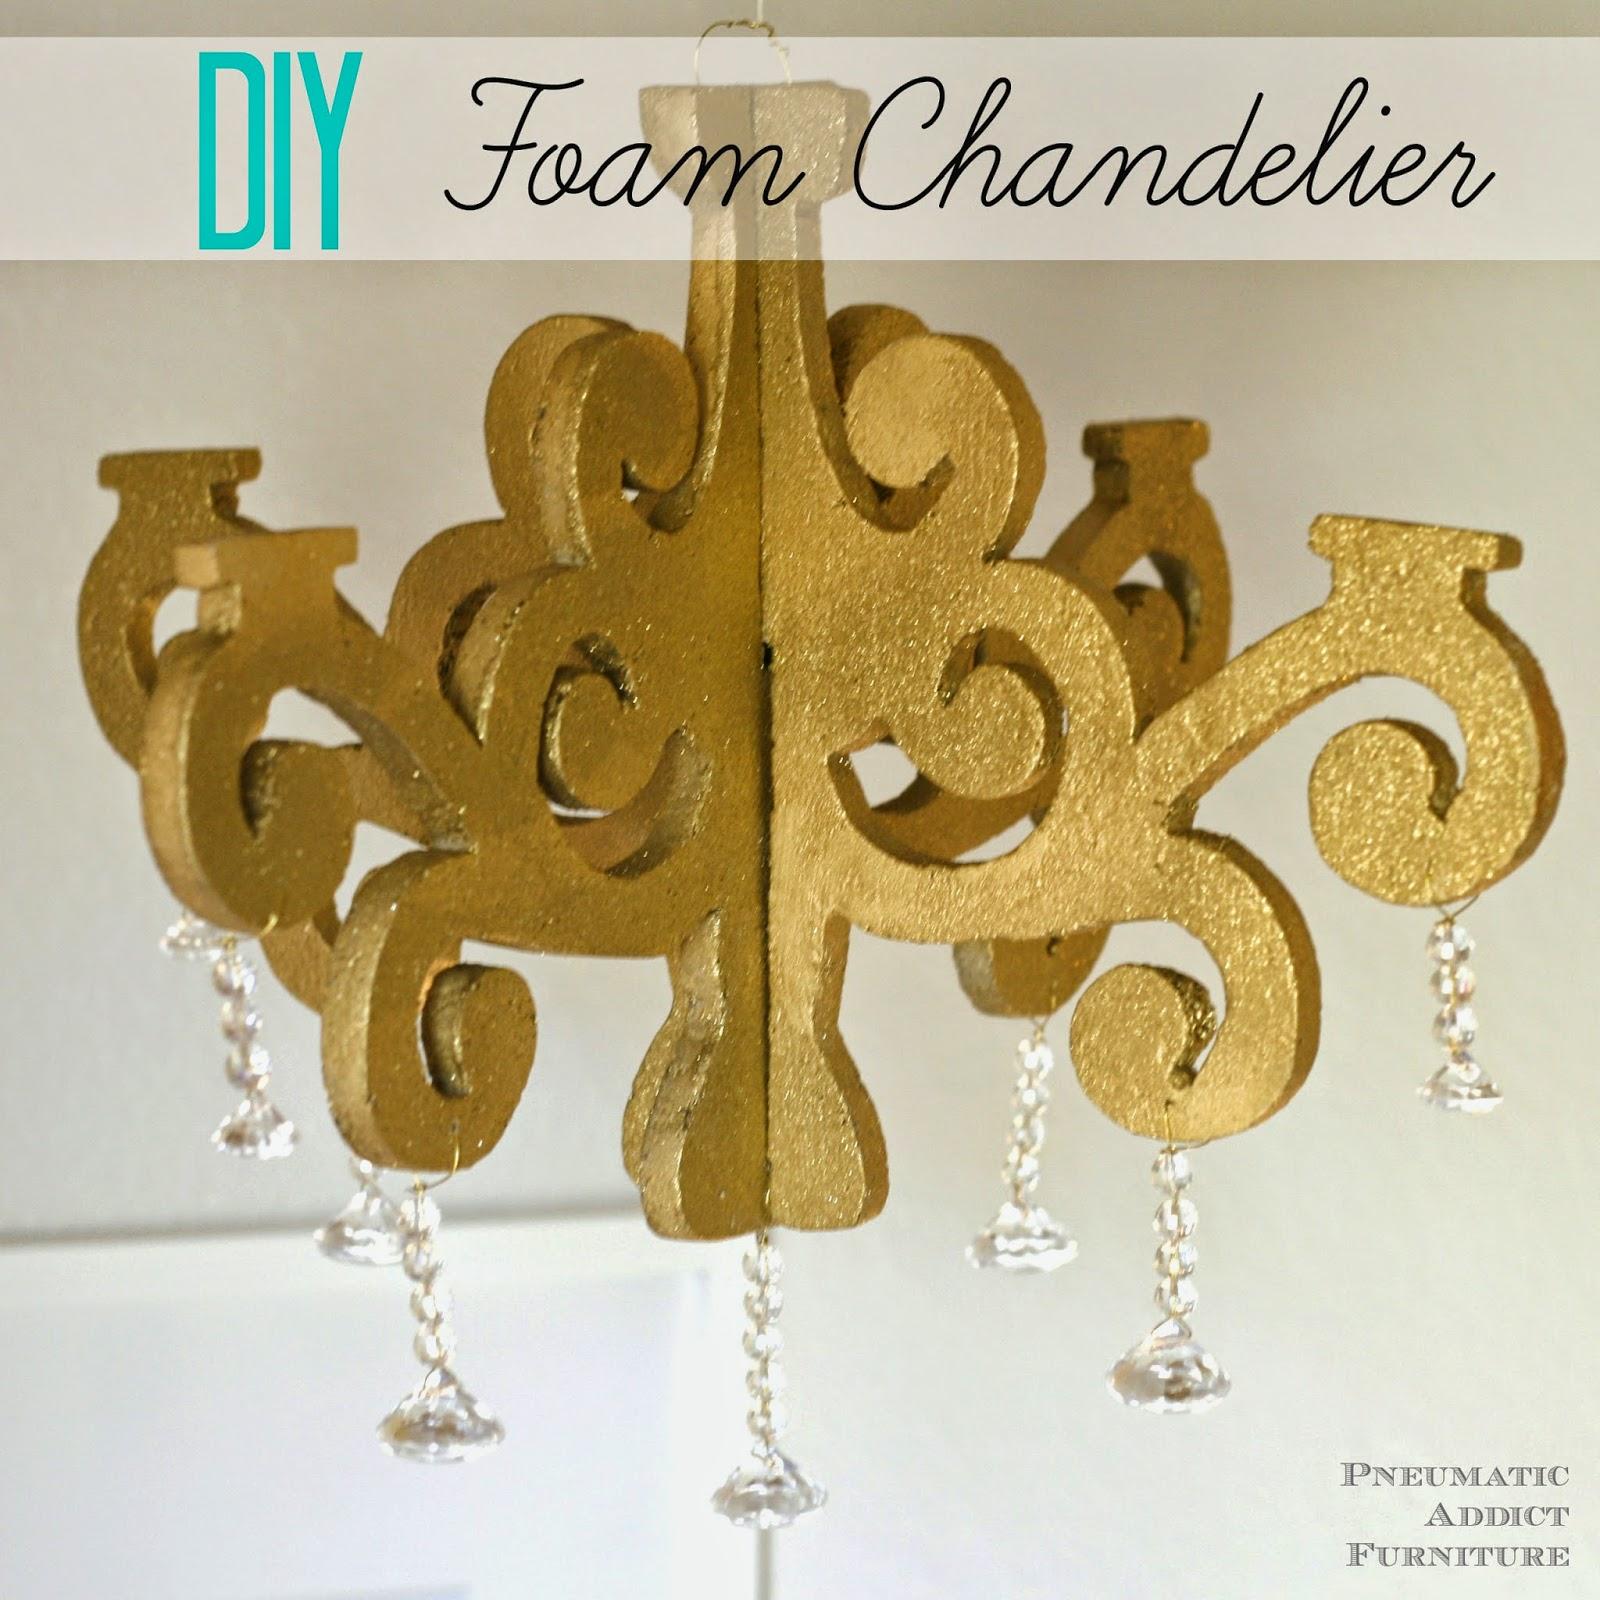 DIY Foam Chandelier + Giveaway | Pneumatic Addict